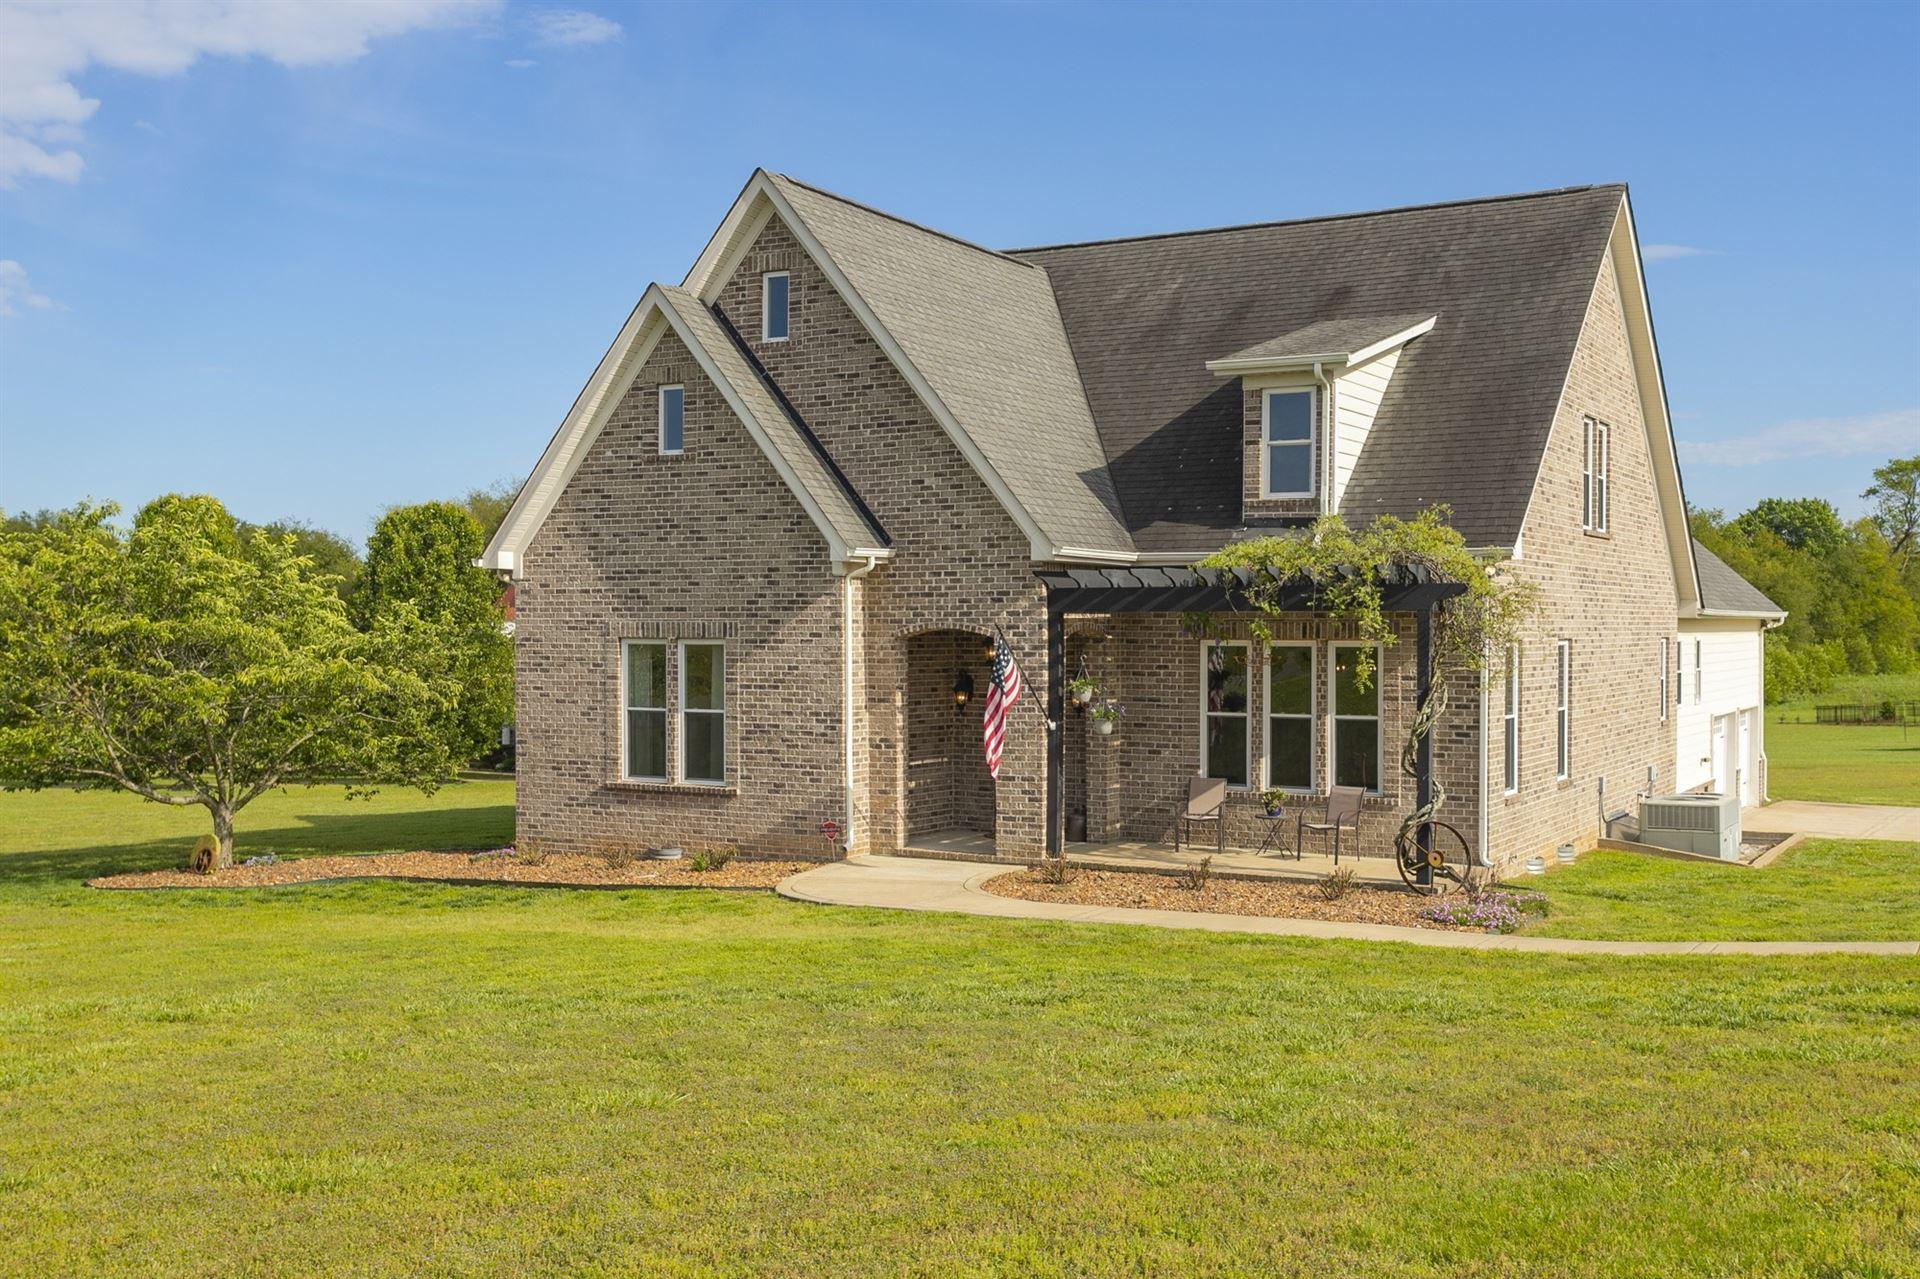 4004 Estate Ln, Columbia, TN 38401 - MLS#: 2161557